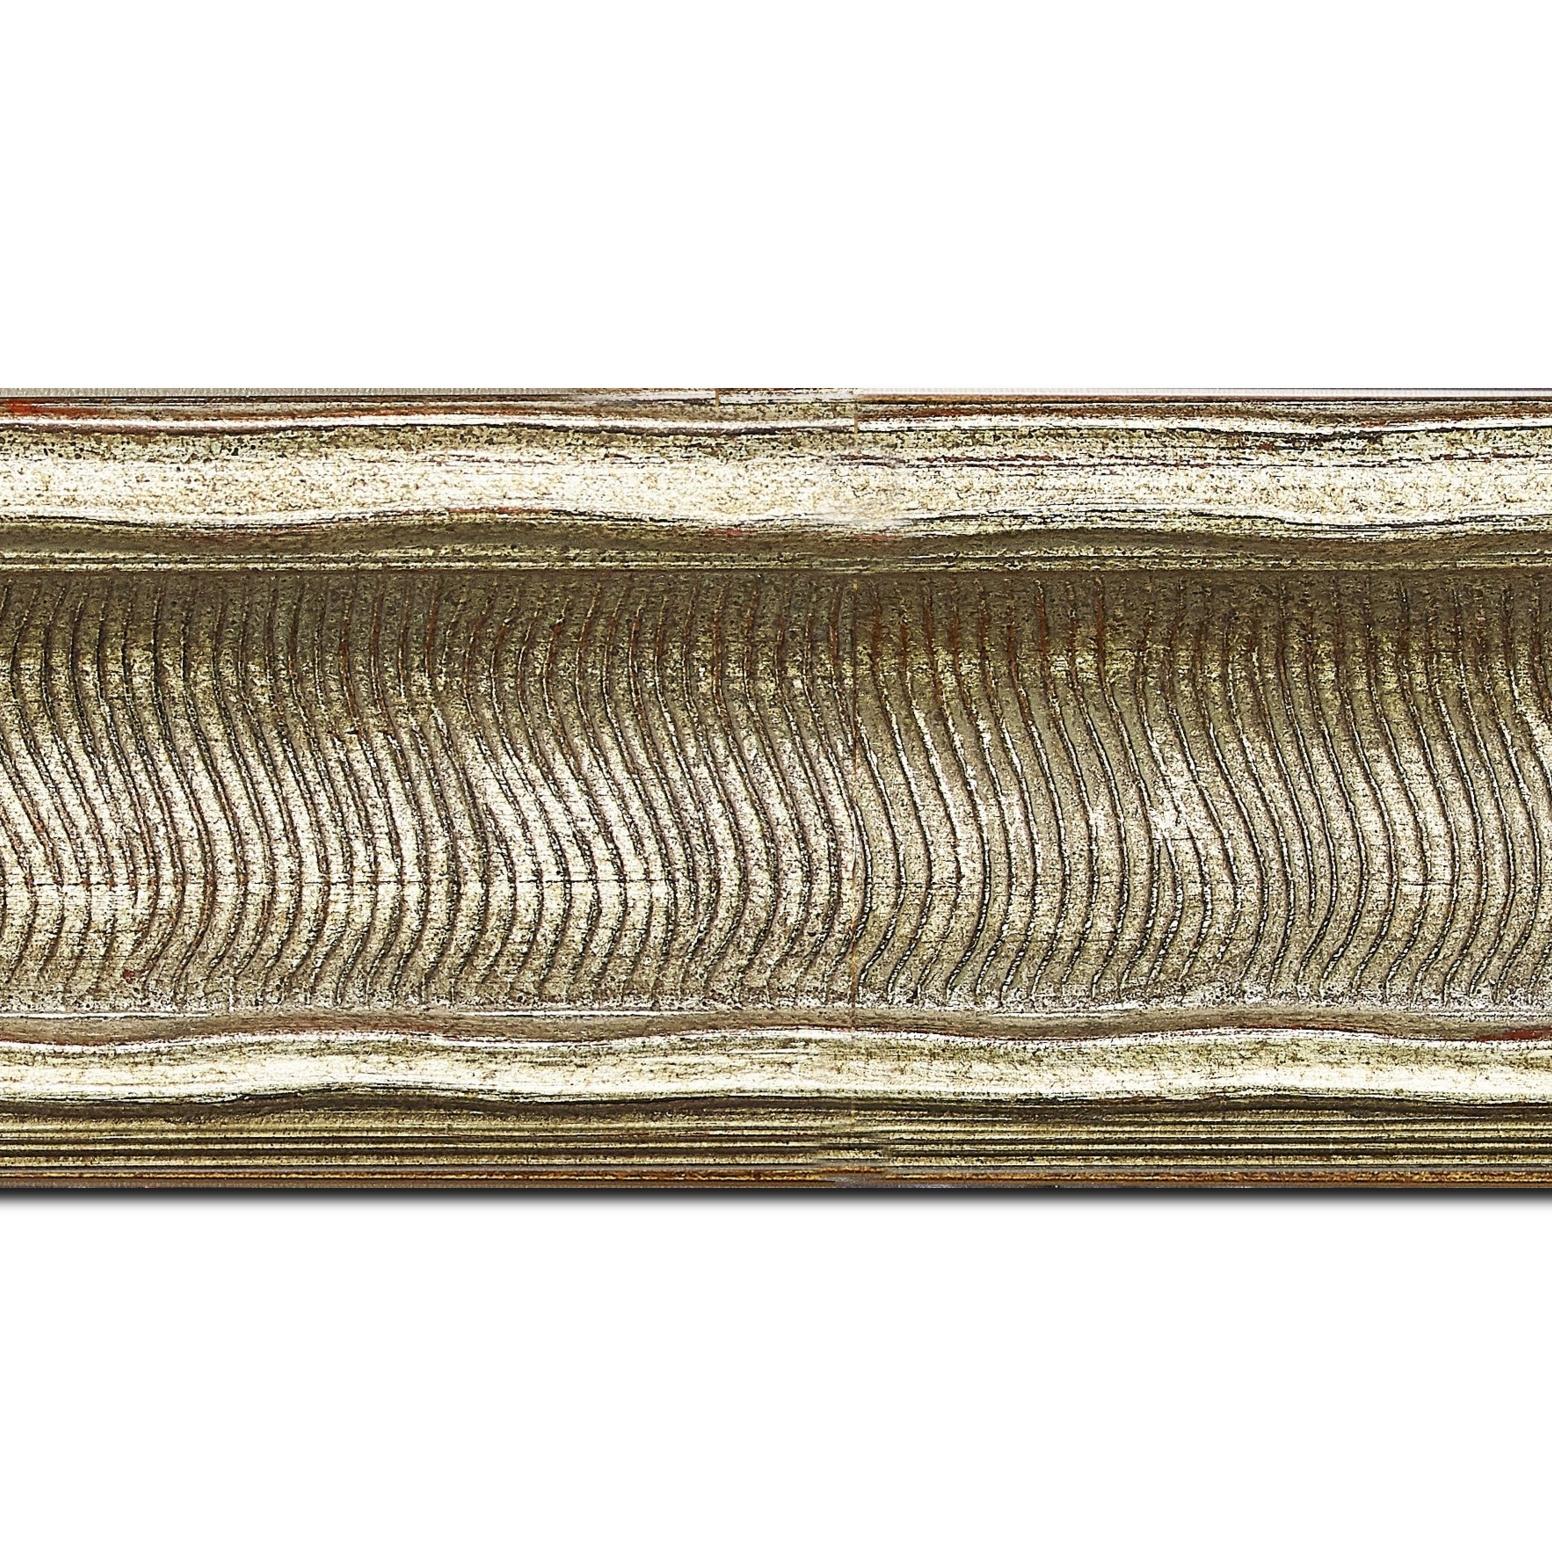 Pack par 12m, bois profil incurvé largeur 8.5cm argent chaud antique (longueur baguette pouvant varier entre 2.40m et 3m selon arrivage des bois)